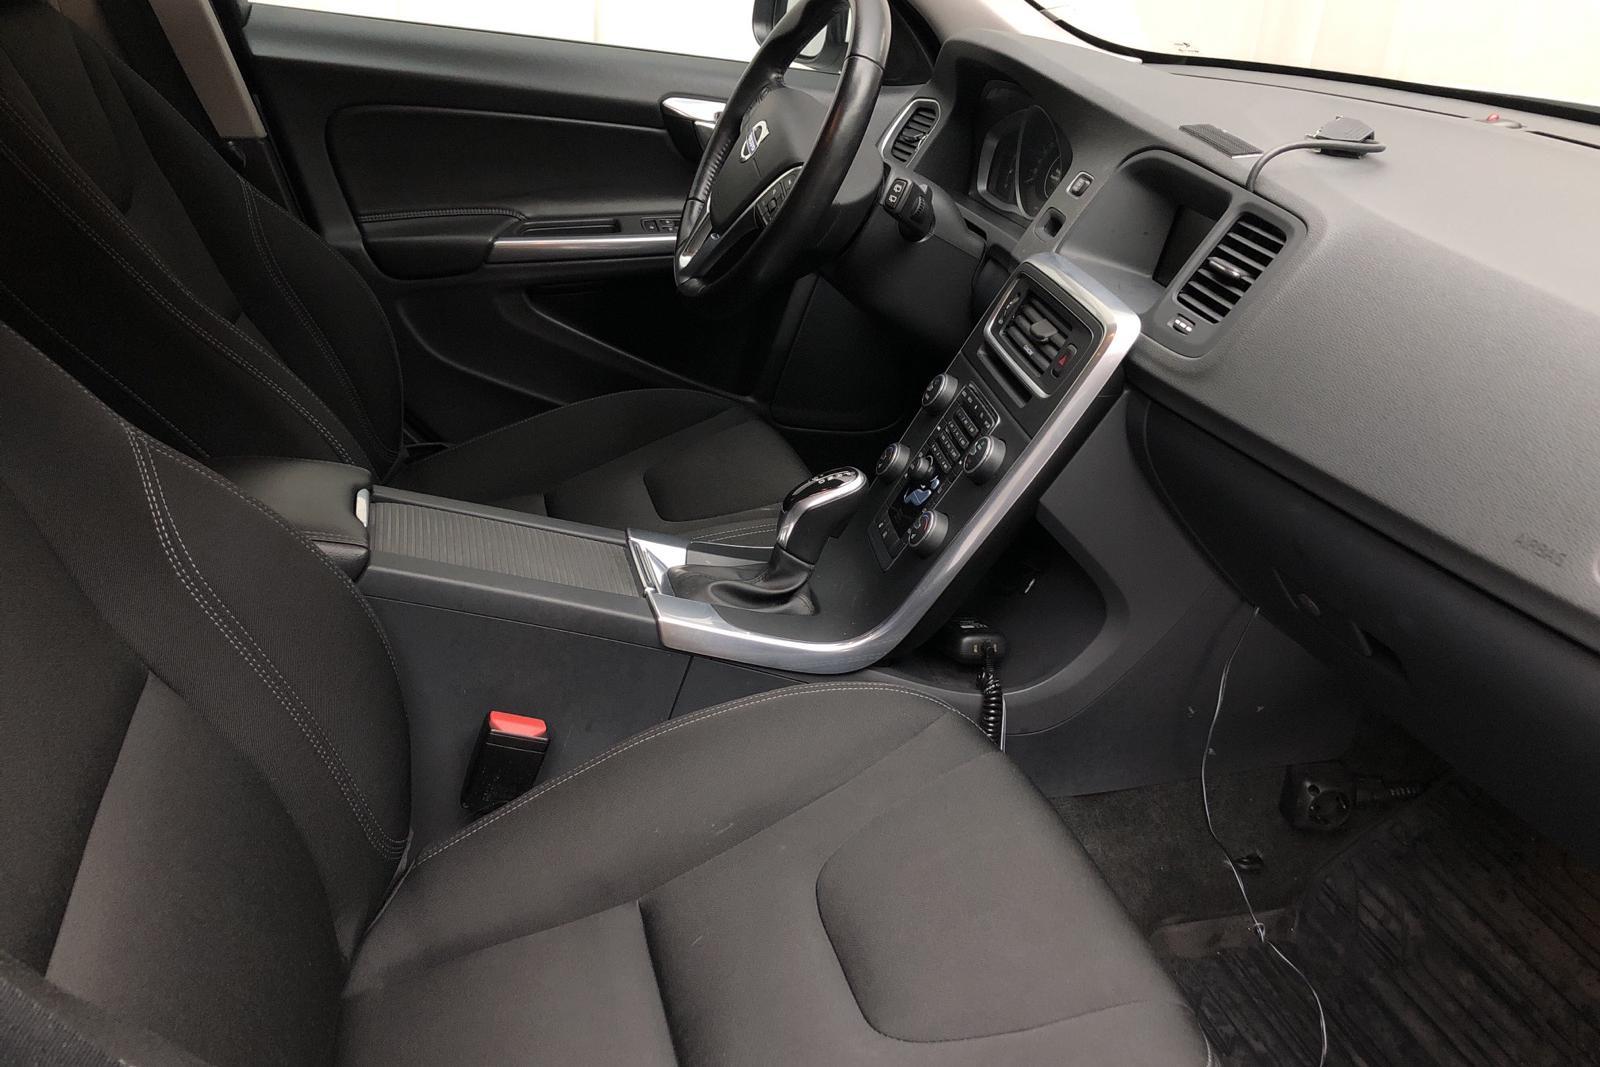 Volvo V60 D2 (120hk) - 131 700 km - Automatic - white - 2017